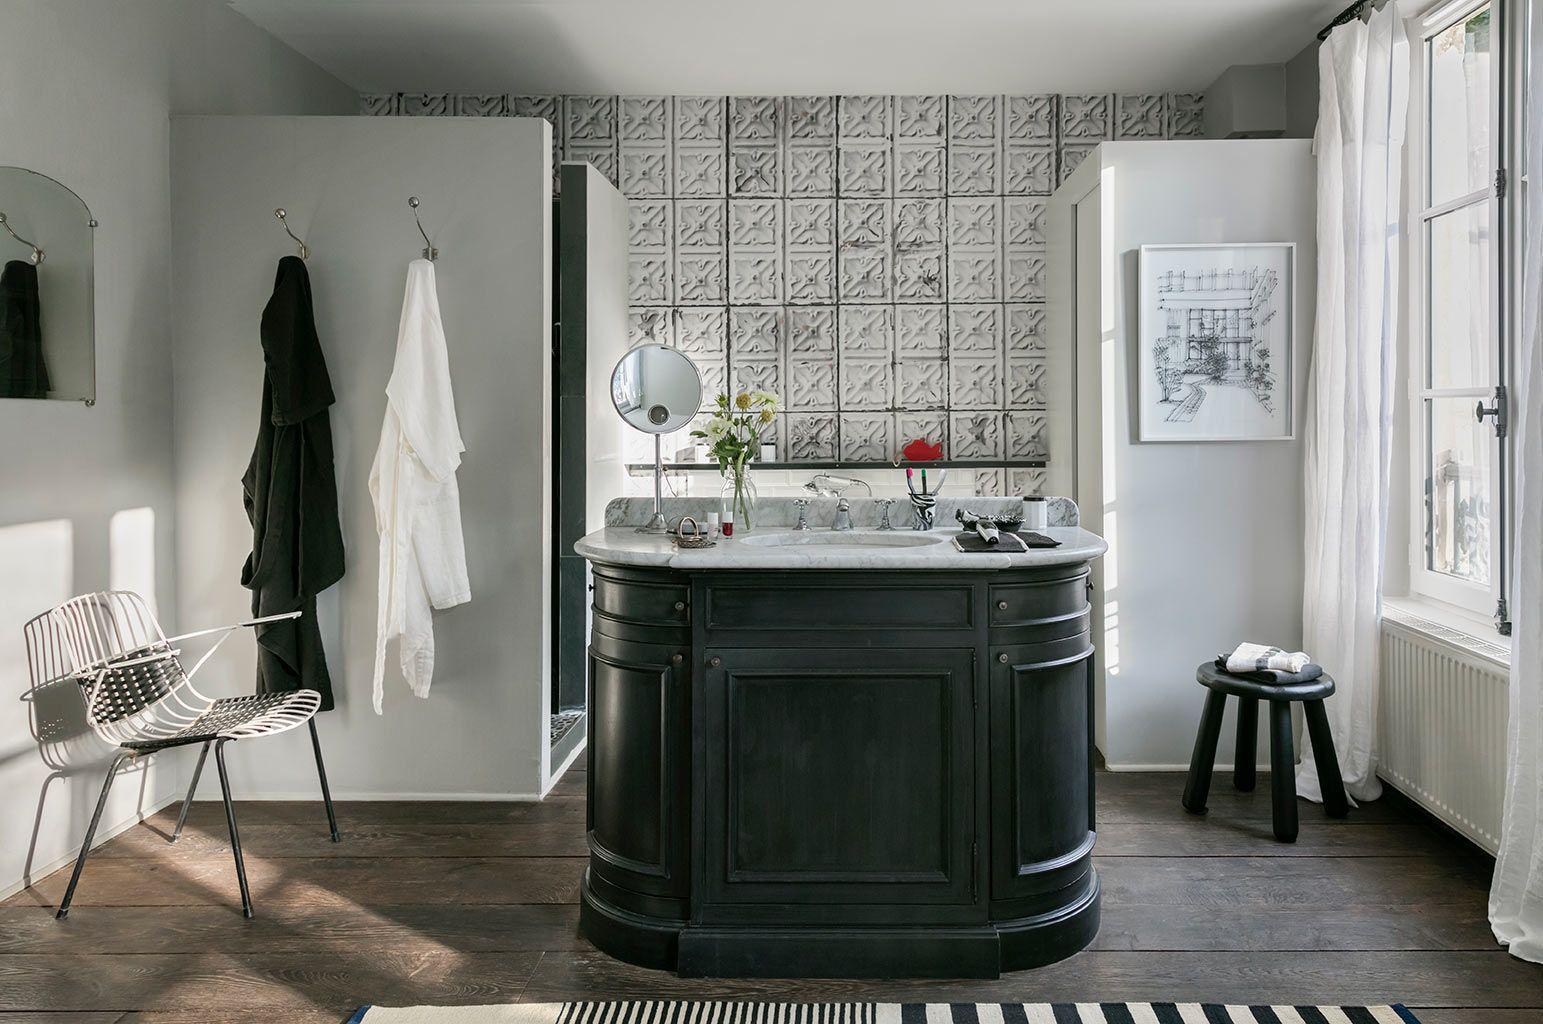 La Maison Merci A Paris Salle De Bain Extraordinaire Salle De Bain Salle De Bain Design